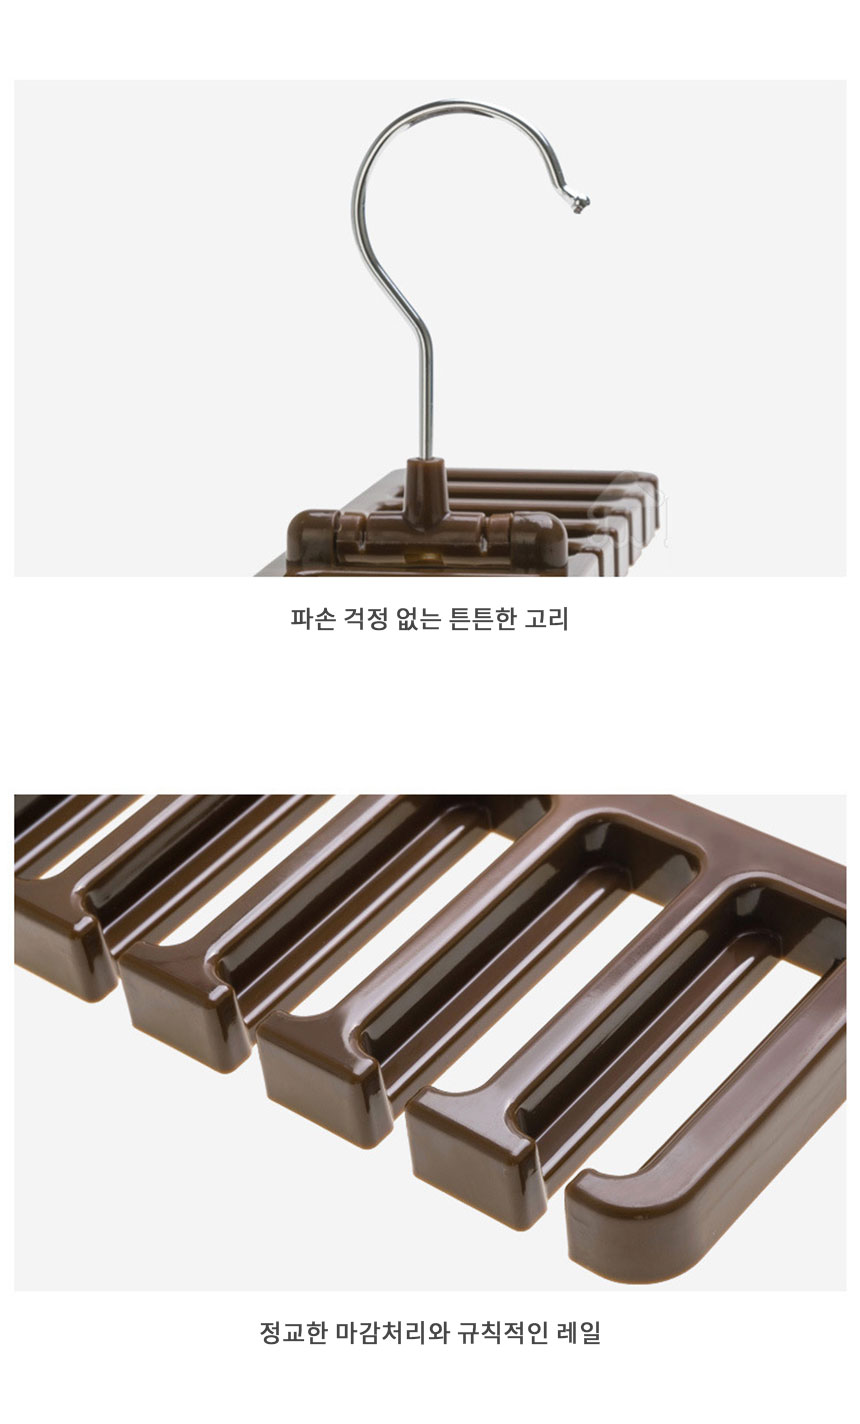 벨트 스카프 넥타이 걸이 - 슈와츠코리아, 4,600원, 행거/드레스룸/옷걸이, 다용도훅/홀더랙